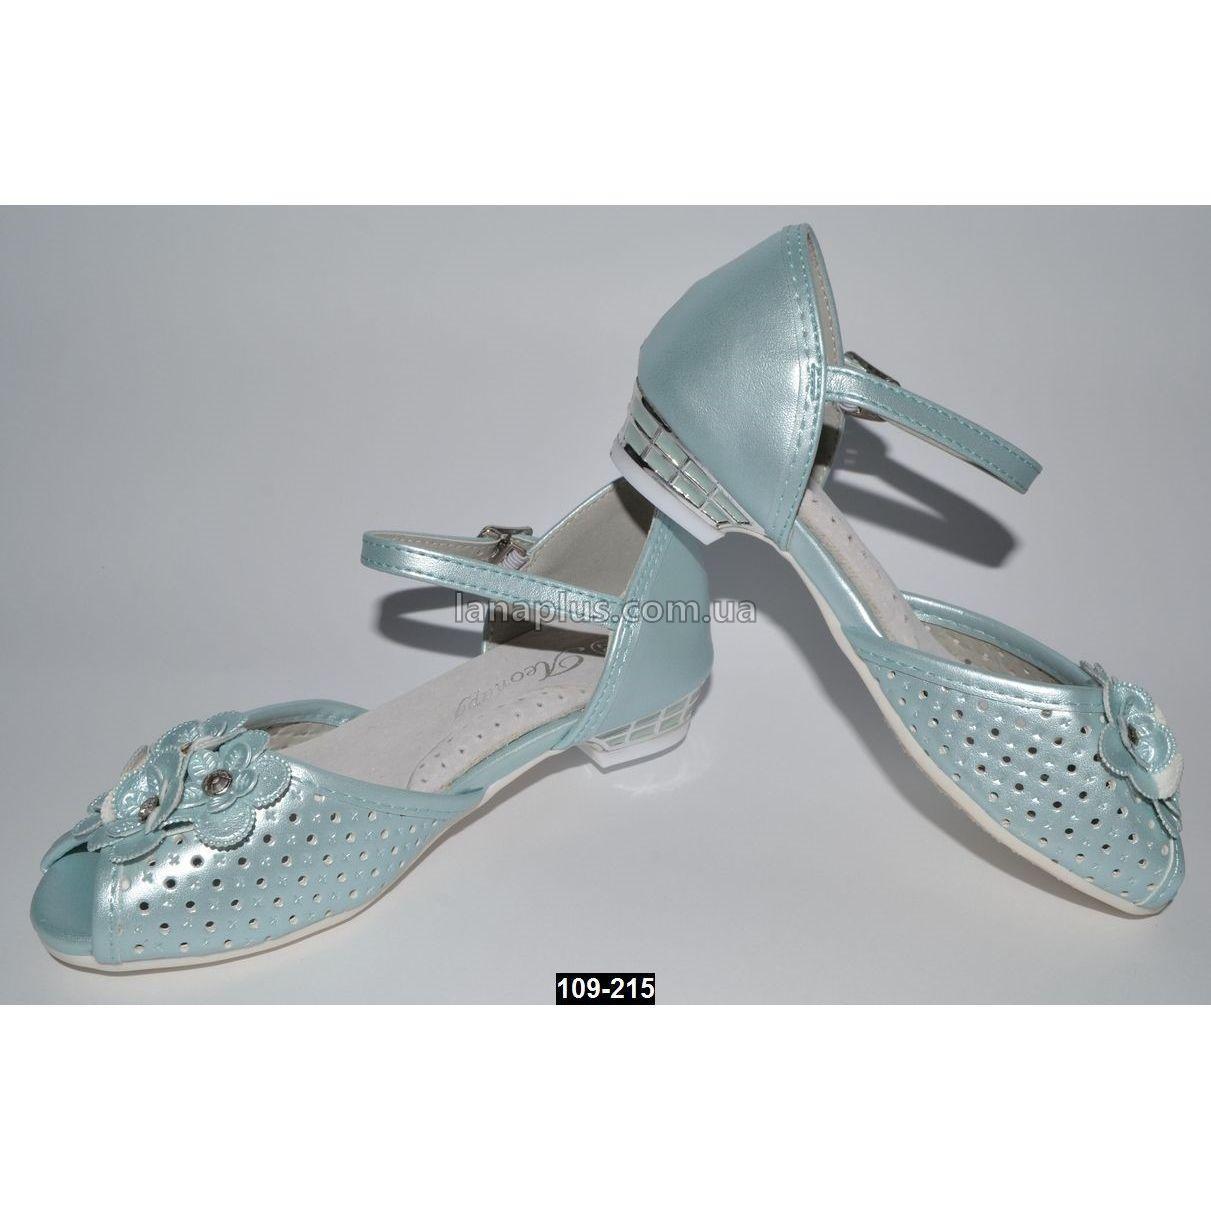 Нарядные босоножки, туфли для девочки, 27 размер (18 см), супинатор, кожаная стелька, 109-215